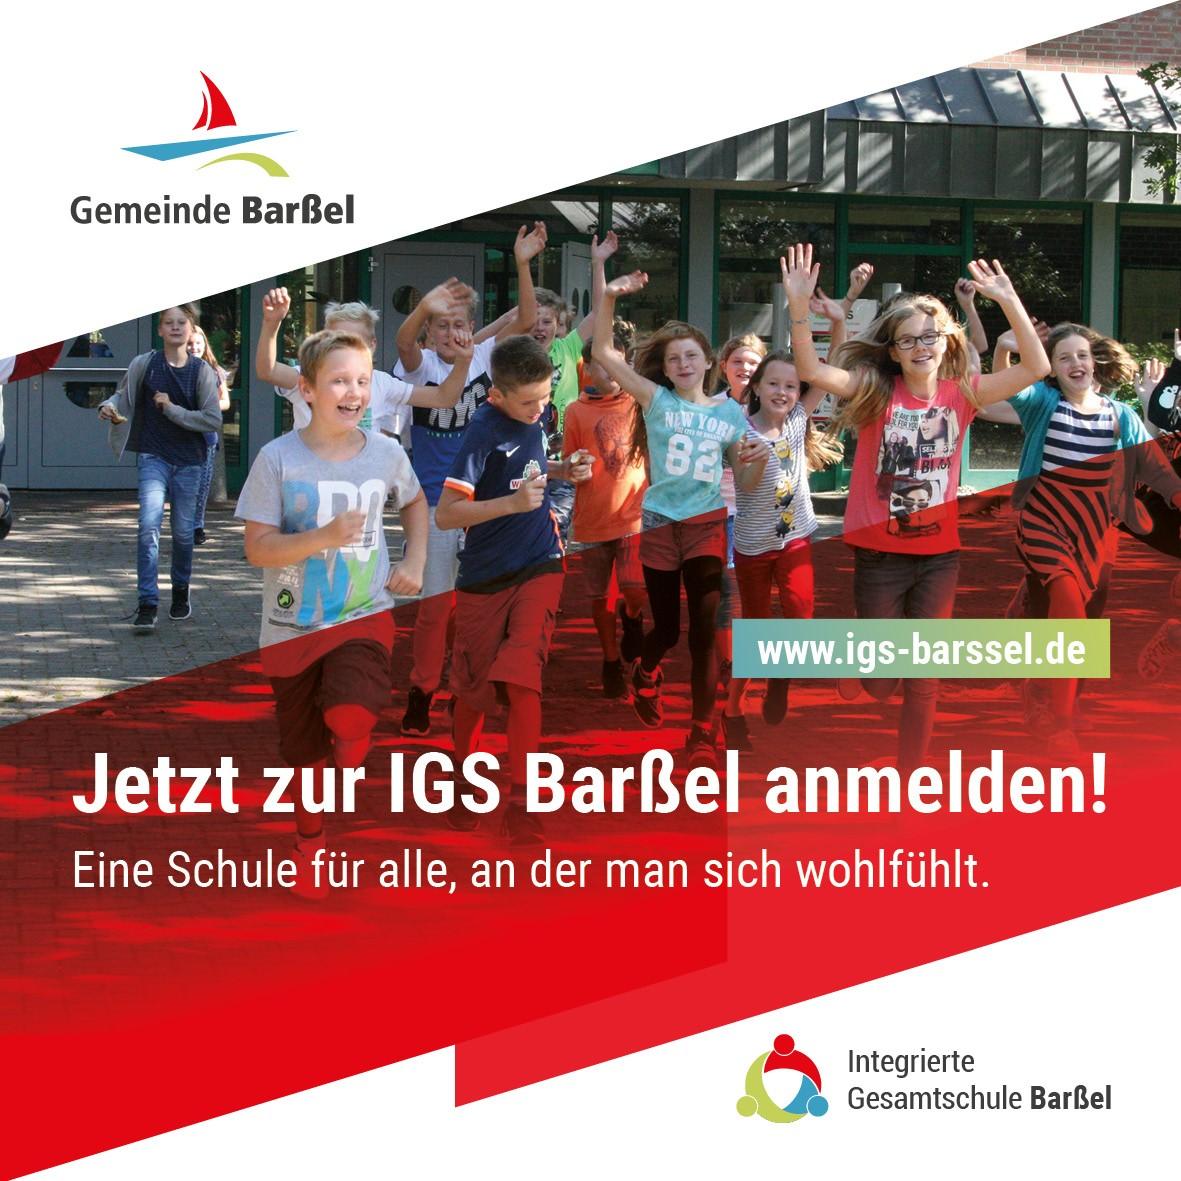 Werbebanner zur IGS-Anmeldung.